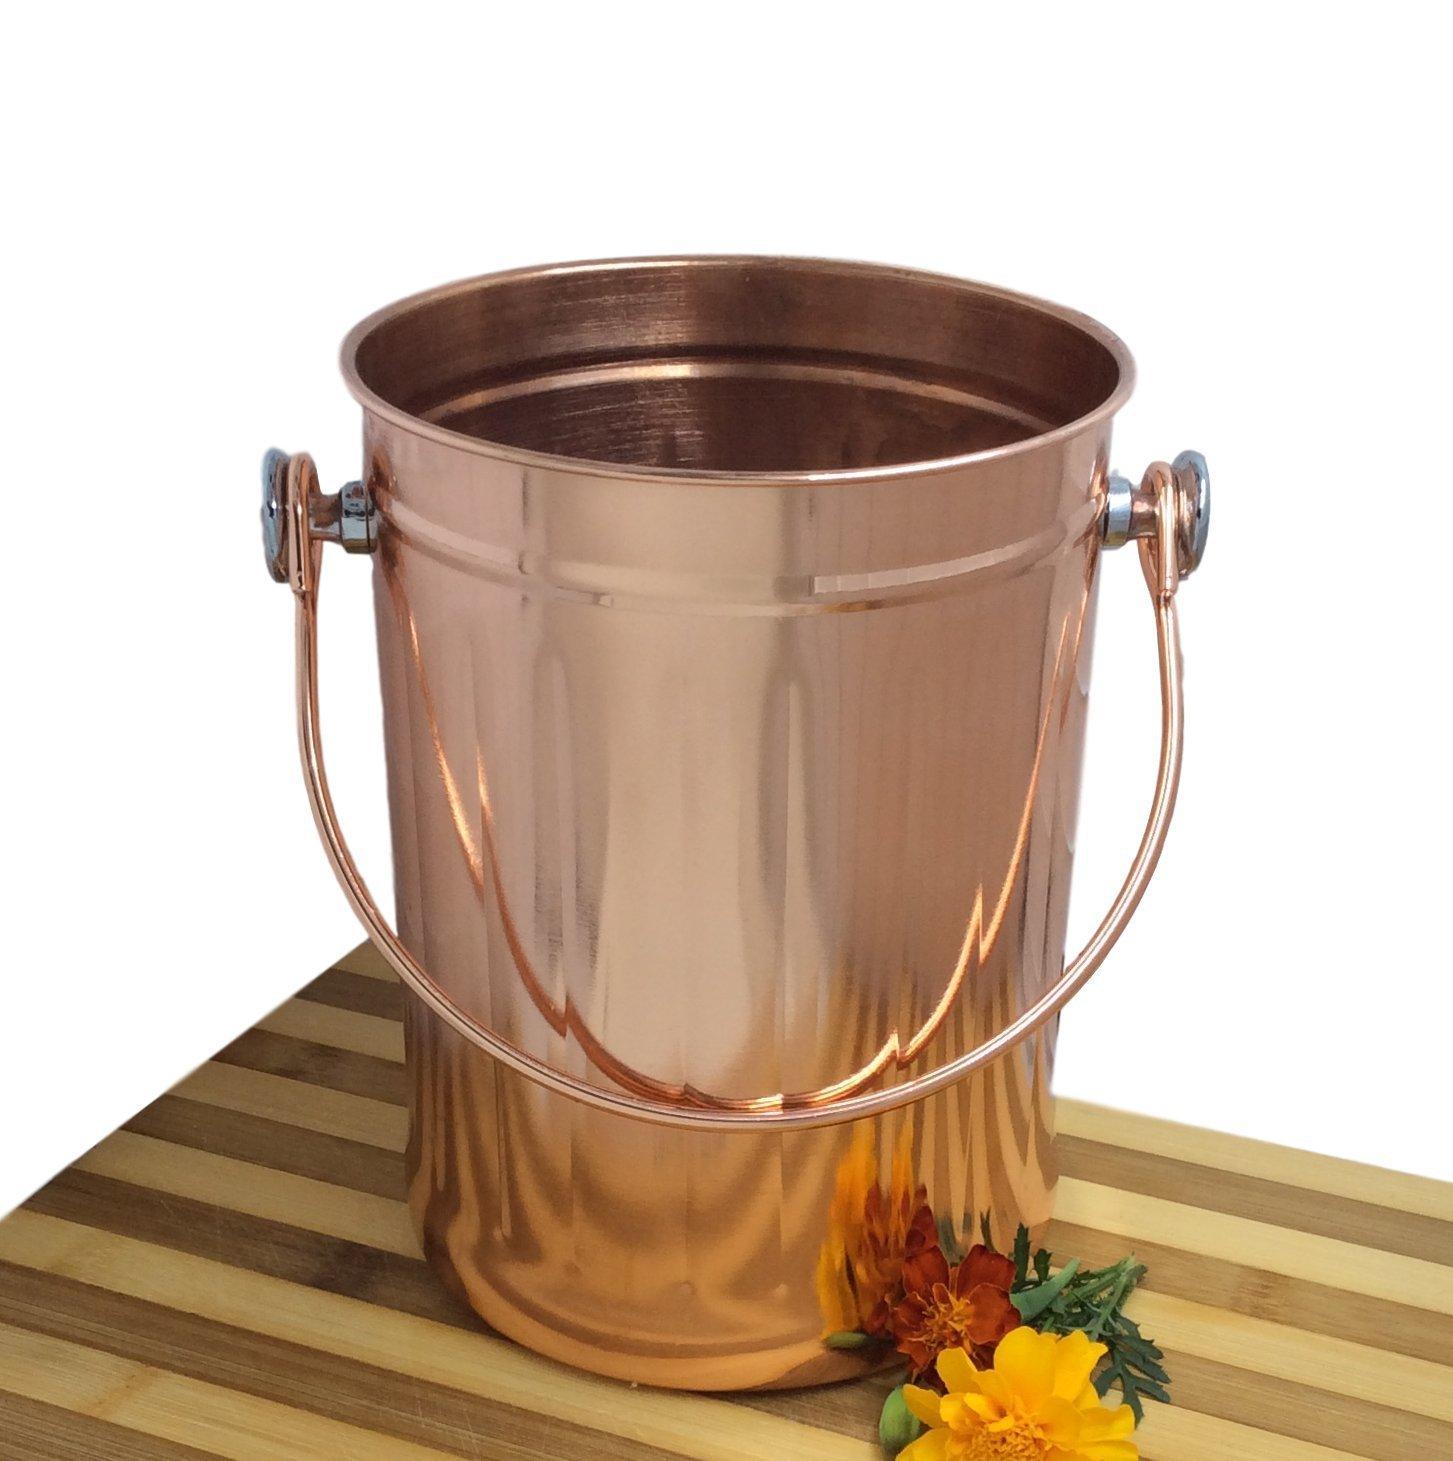 Copper Kitchen Utensils | Utensil Holder Caddy Crock To Organize Kitchen Tools Copper